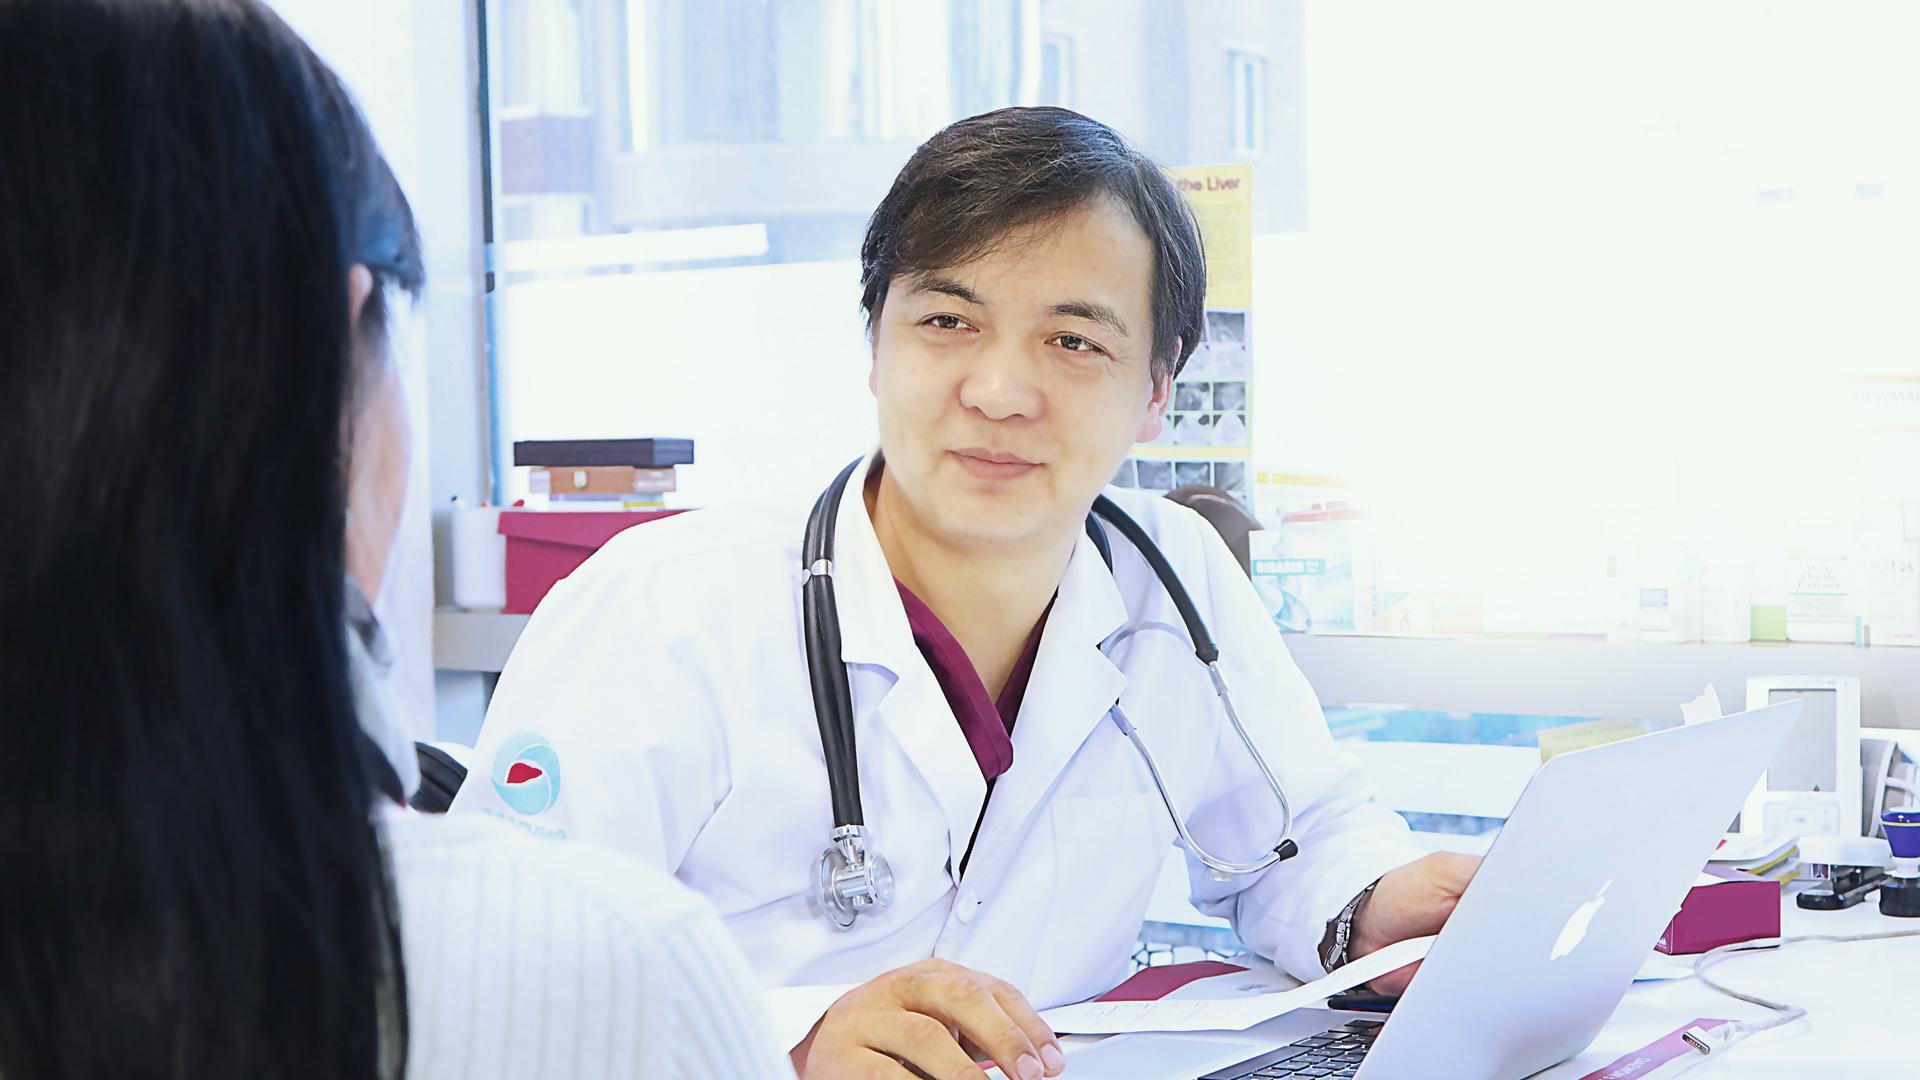 Д.Бэхболд: Элэгний C вирүсээ эмчилсэн ч дахин халдвар авахаас сэргийлэх шаардлагатай